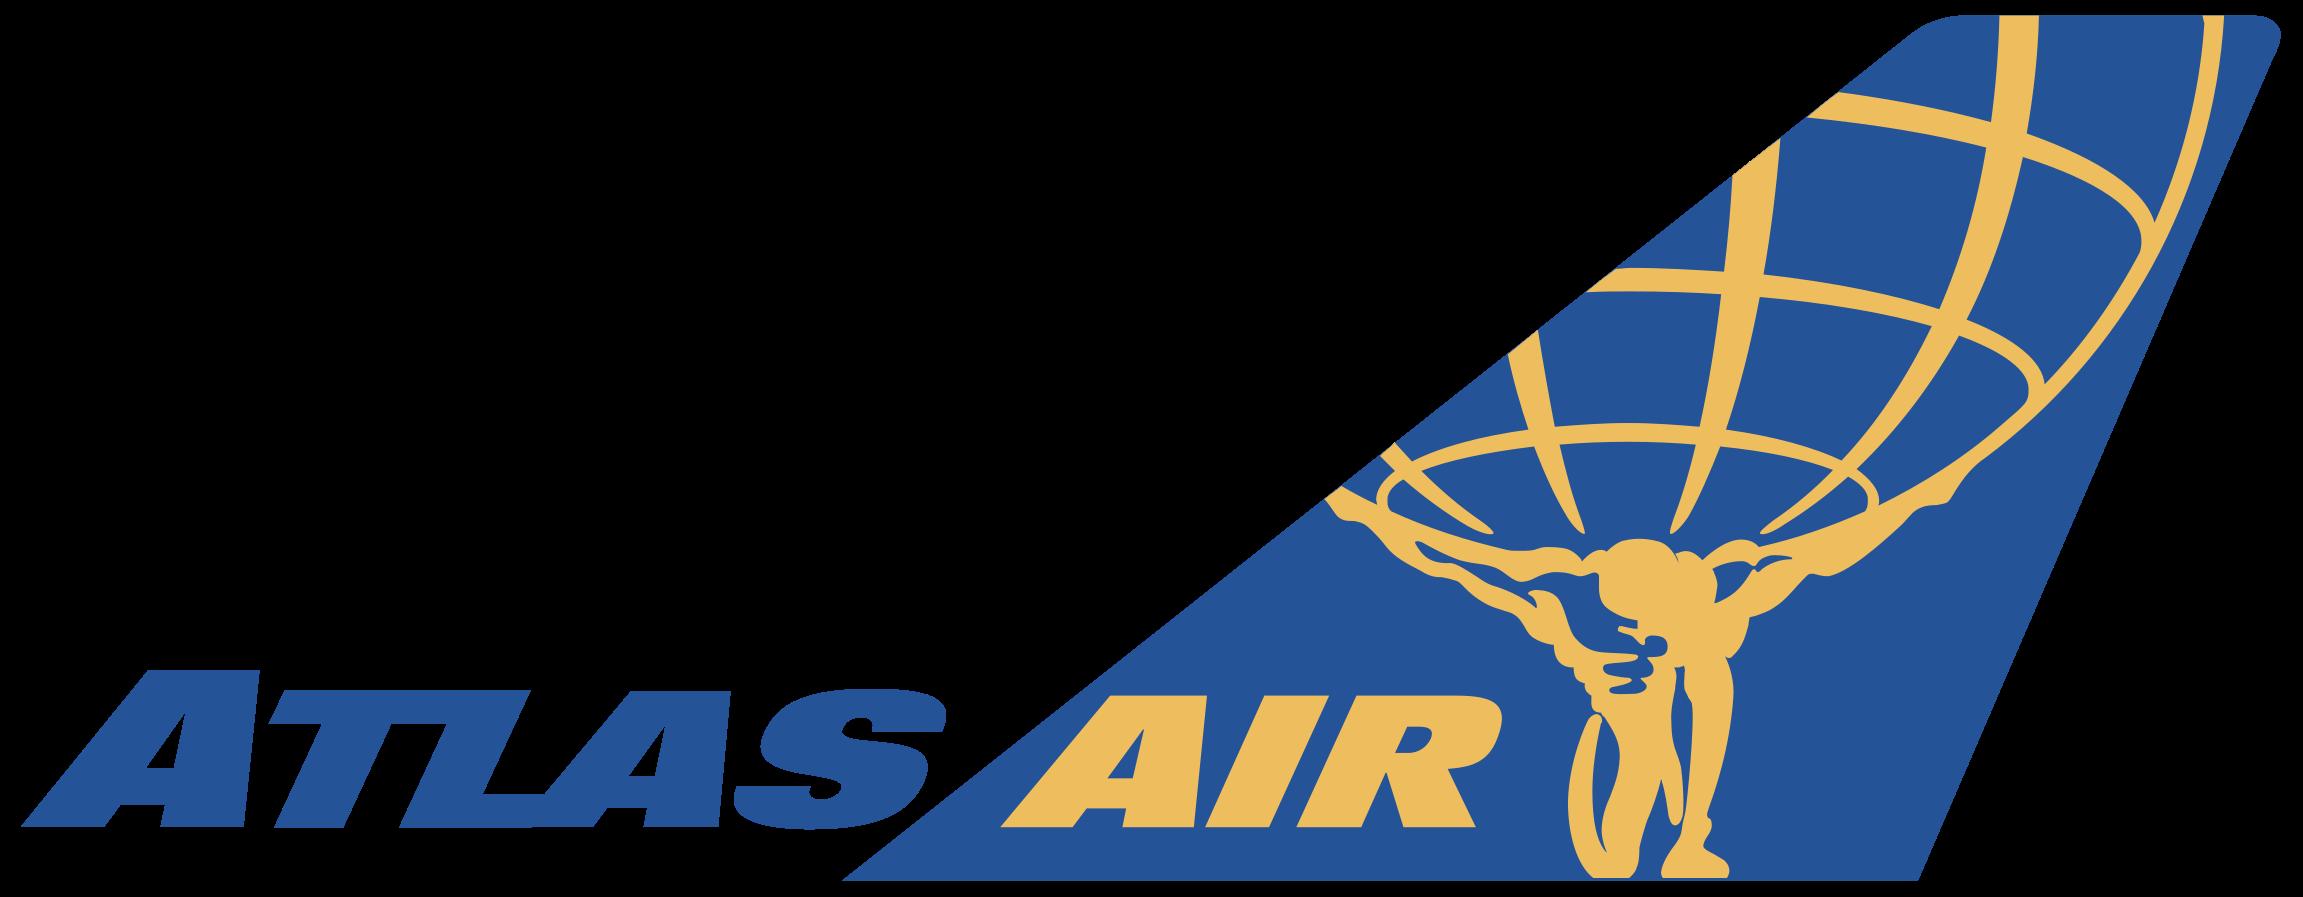 Atlas Air_Isologotype